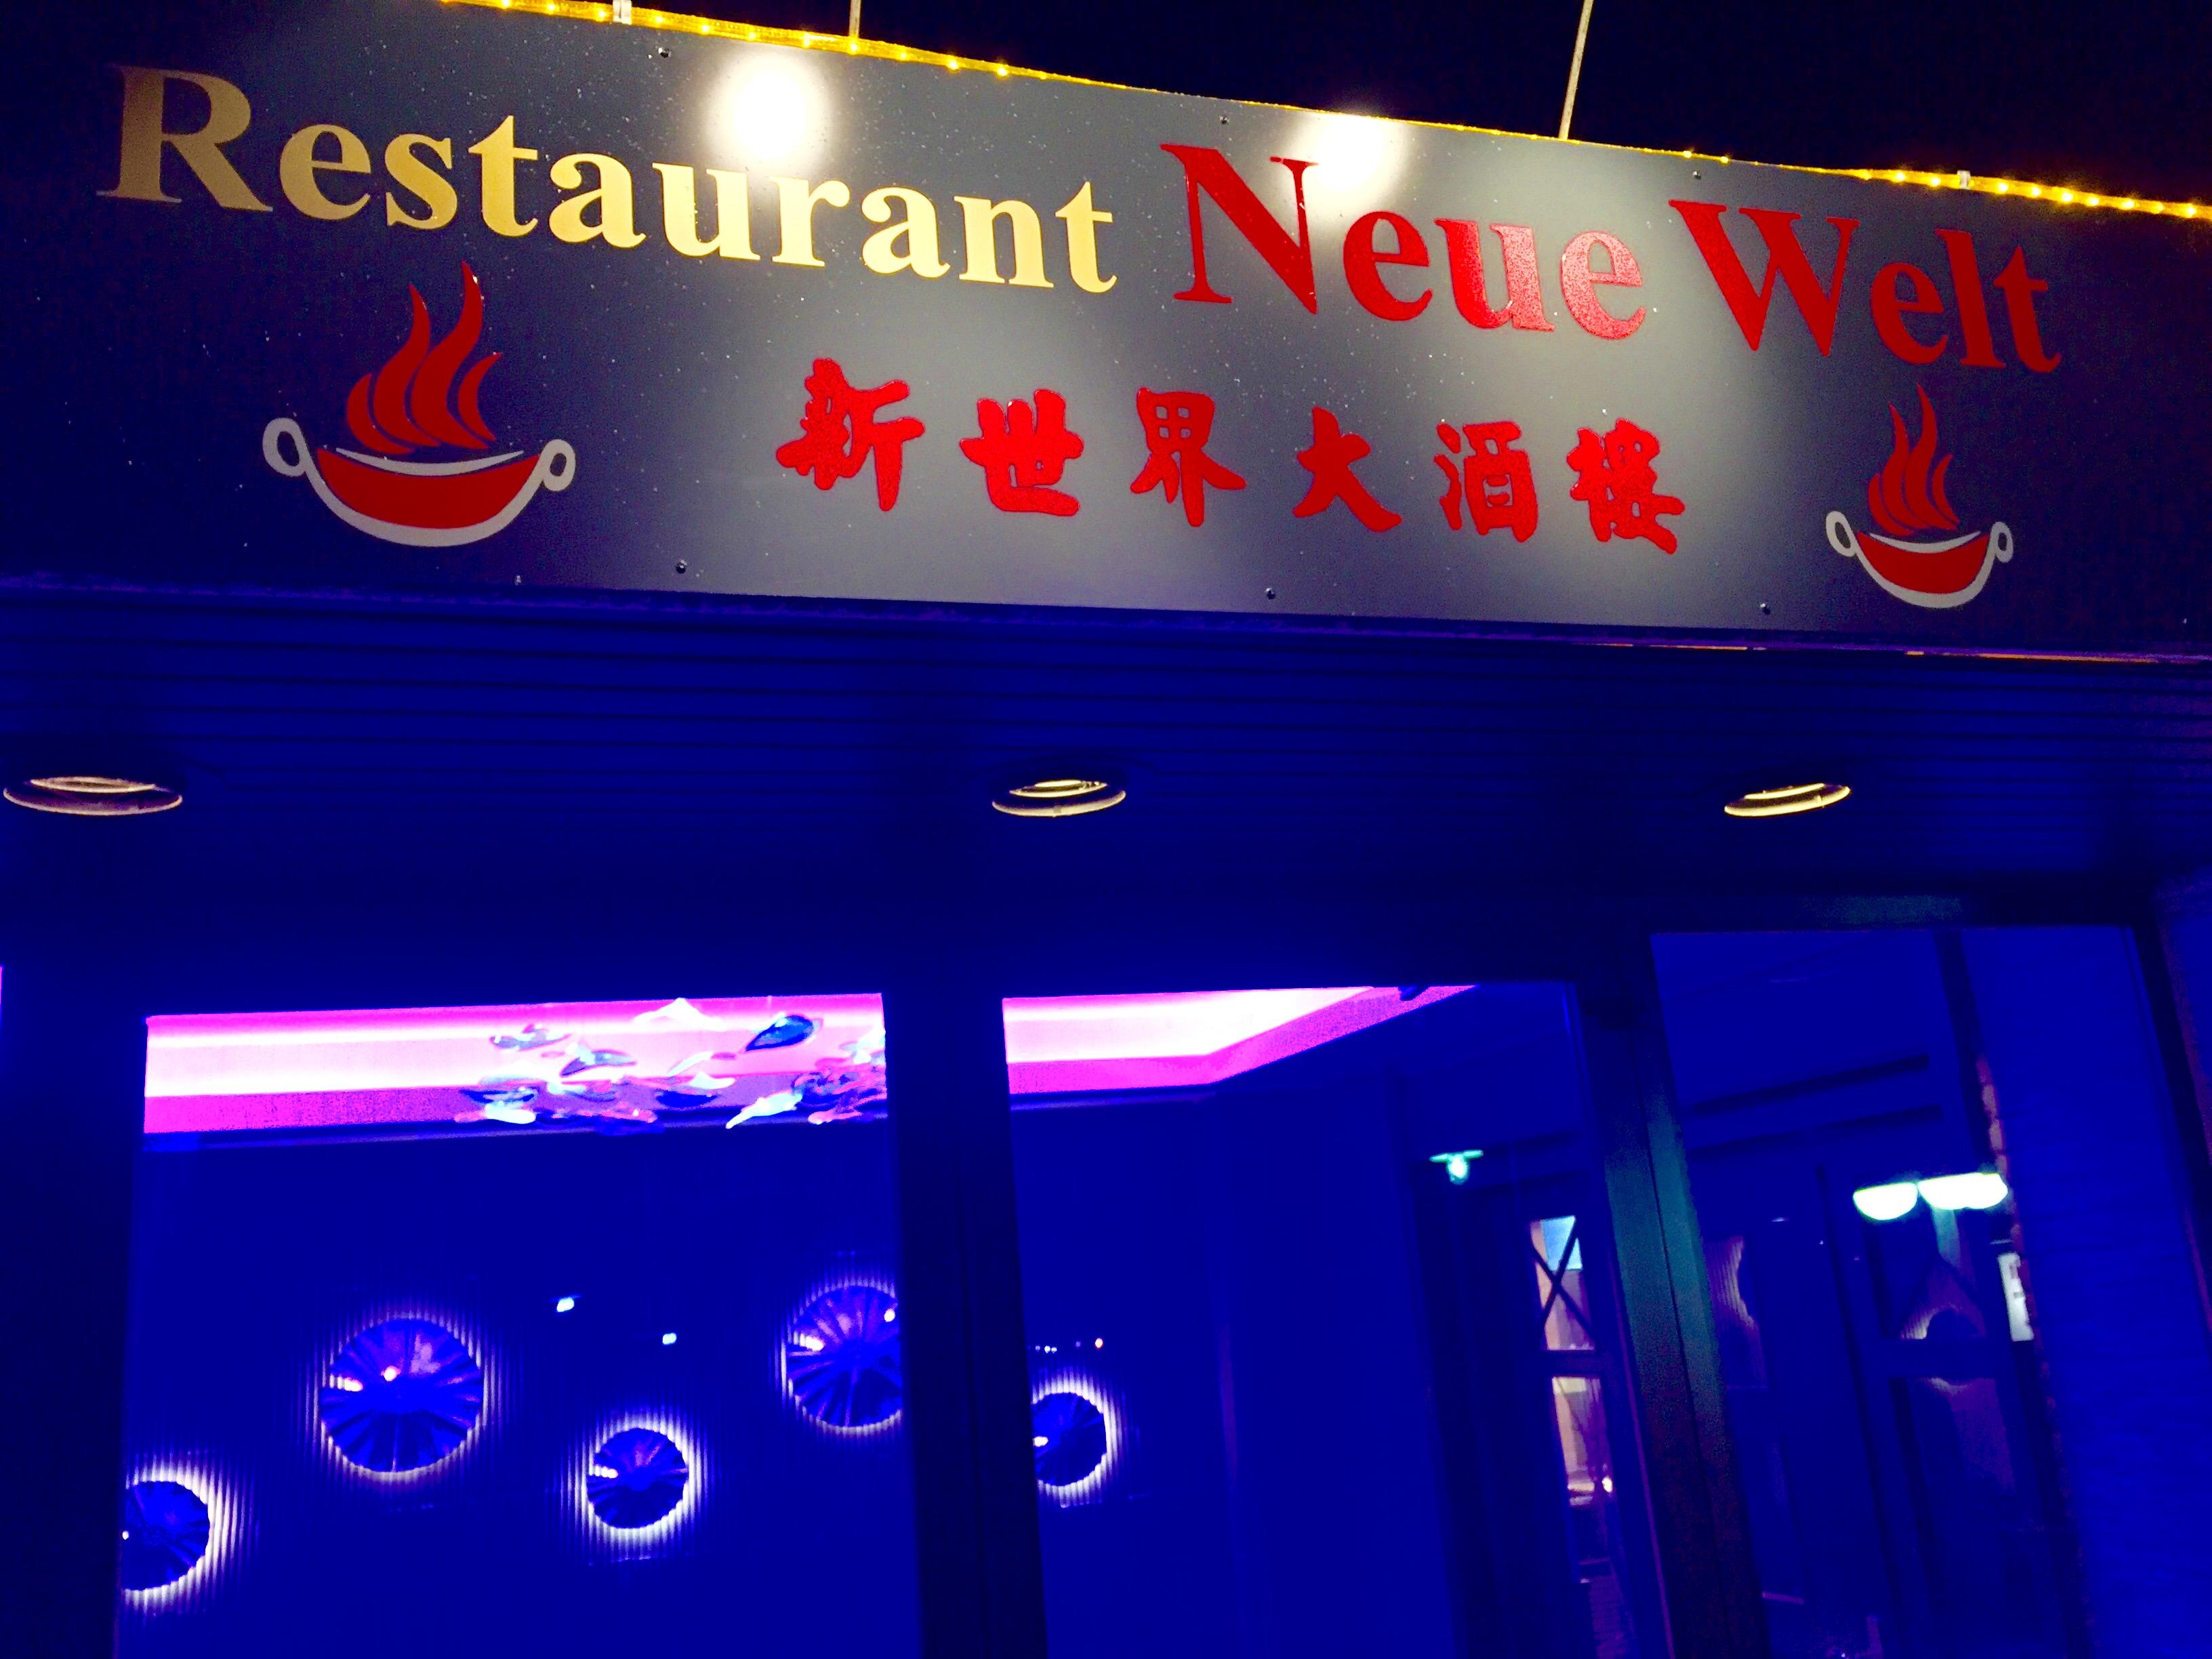 Eröffnung chinesisches Restaurant Neue Welt Bad Waldliesborn